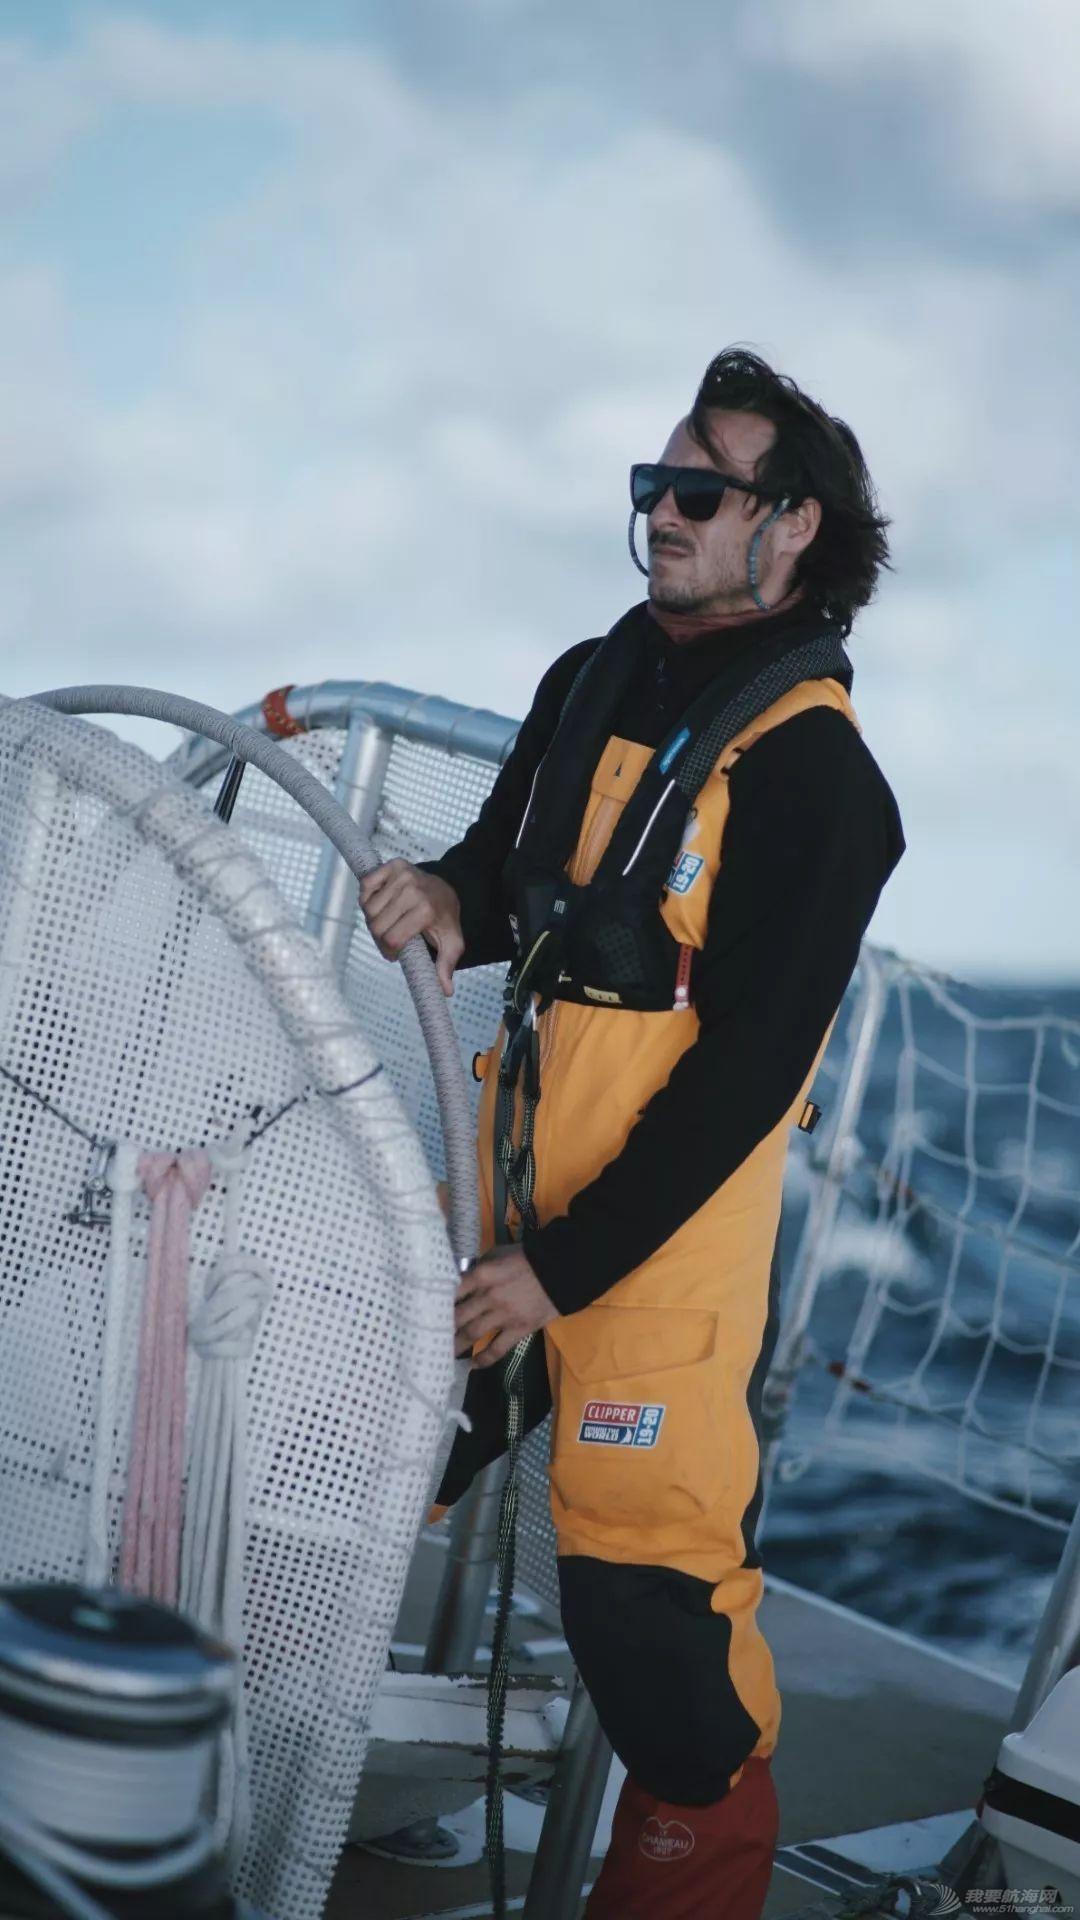 图集   南大洋的挑战刚刚开始w32.jpg